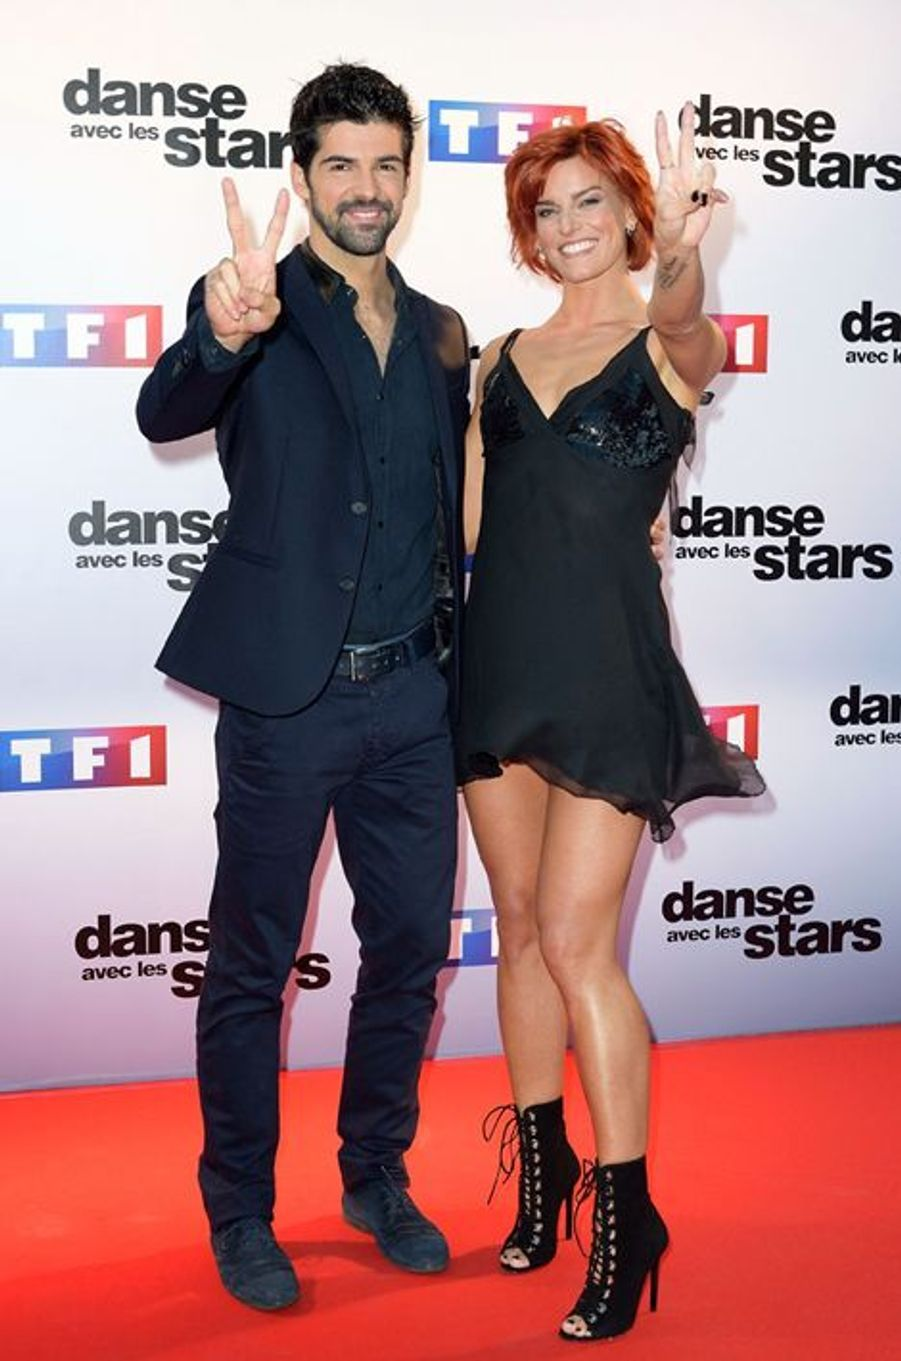 Danse avec les stars 5 : l'acteur Miguel Ange Lunoz et la danseuse Fauve Hautot.